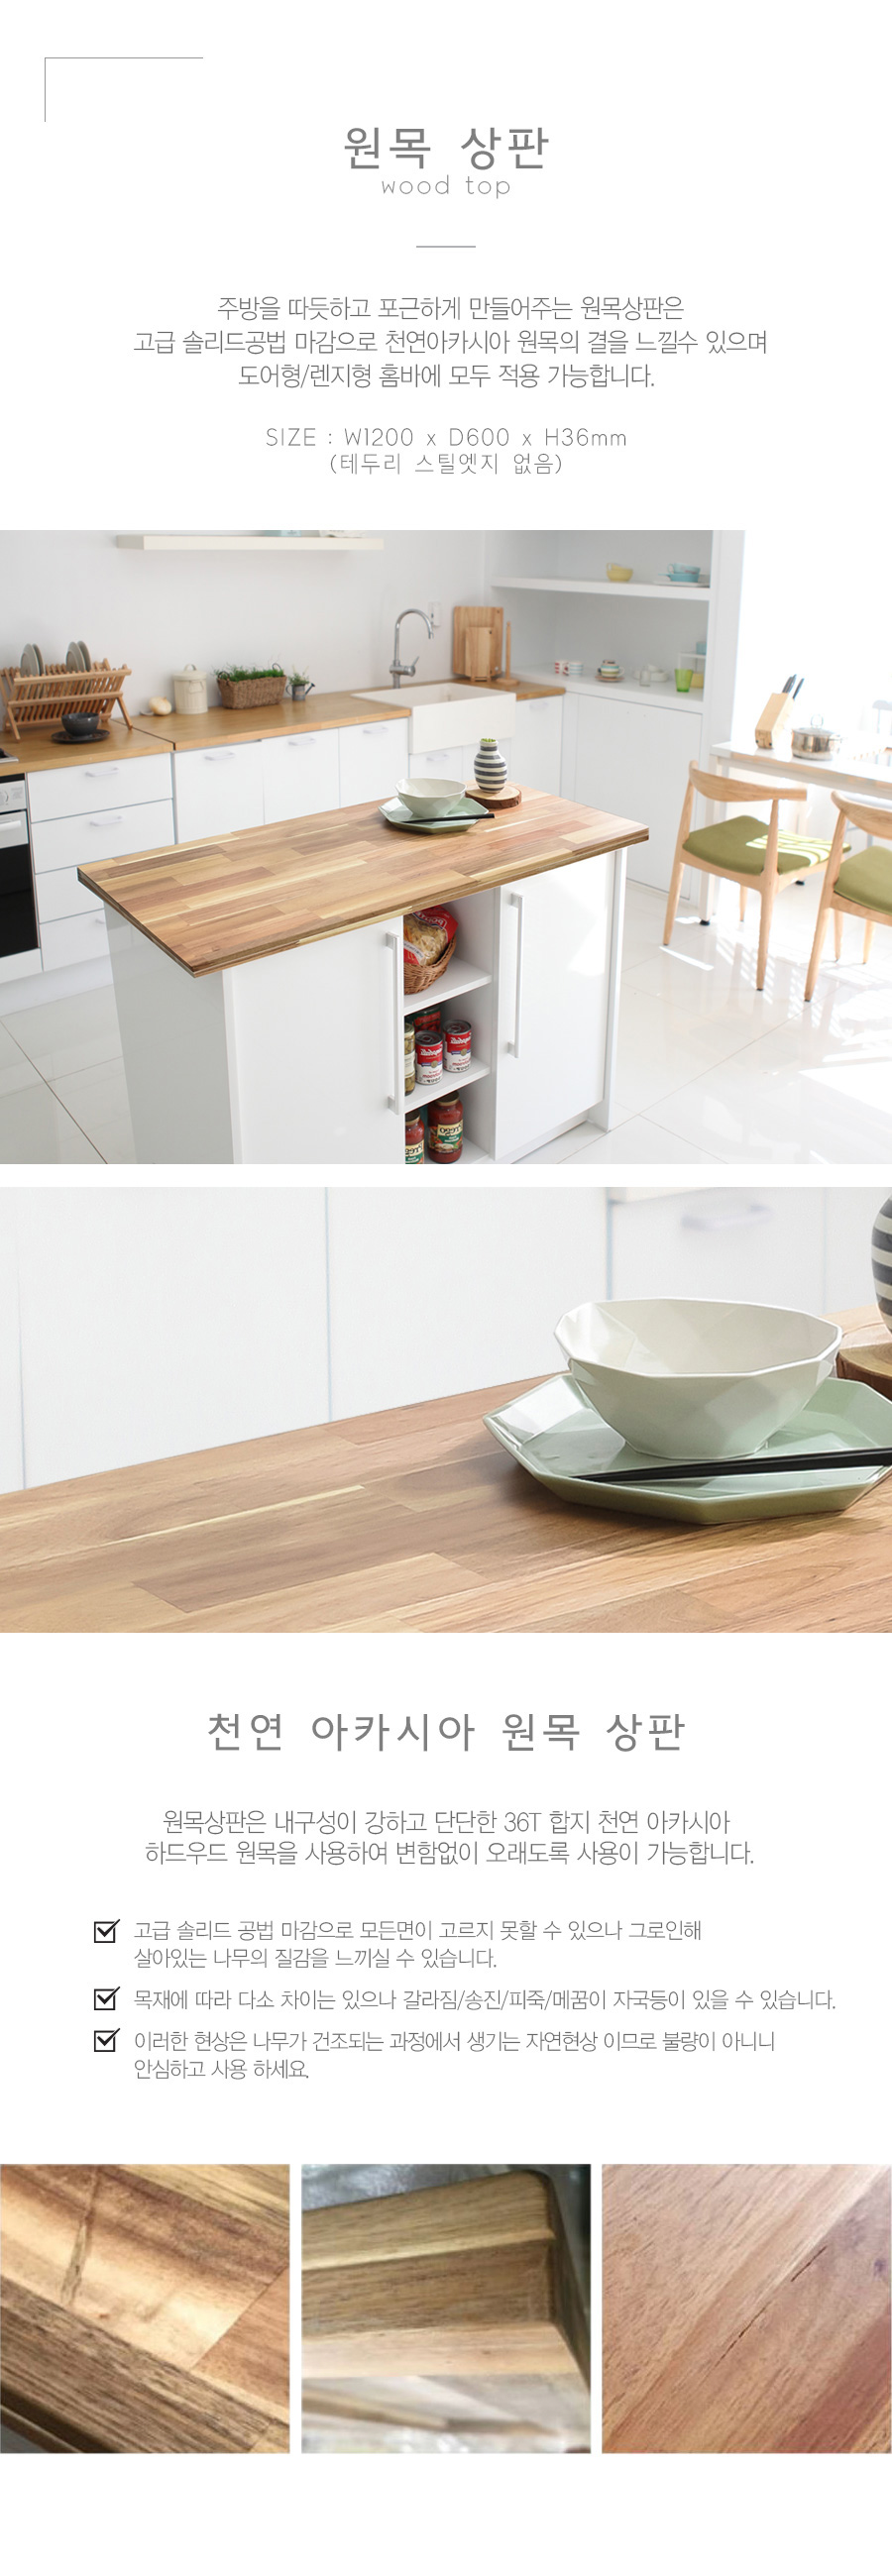 03-4_detail_woodTop.jpg